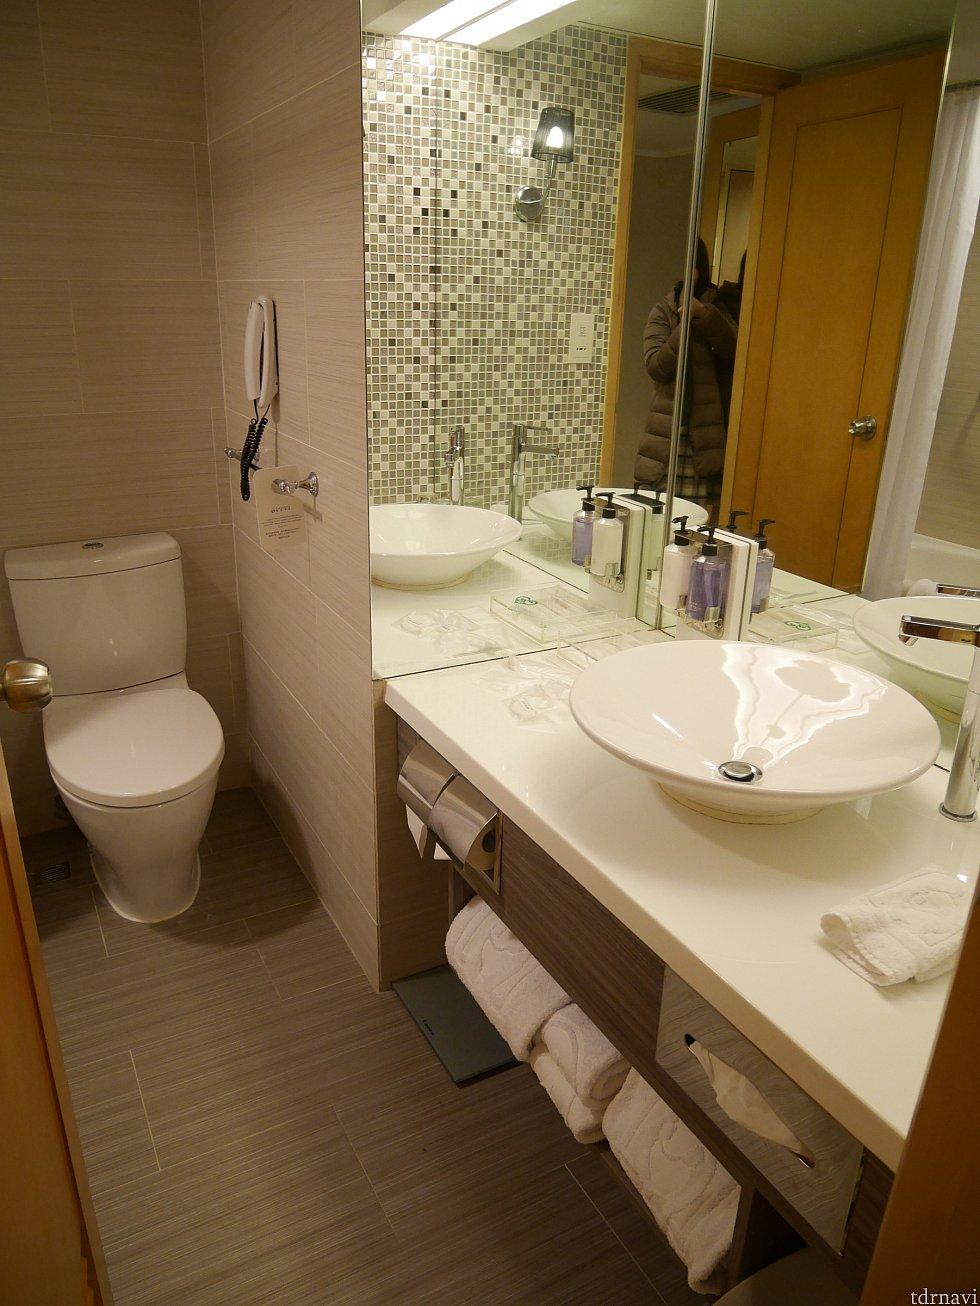 洗面所 体重計はエグゼクティブフロアにしかないとか、ちょっとした違いがあるかもしれません……